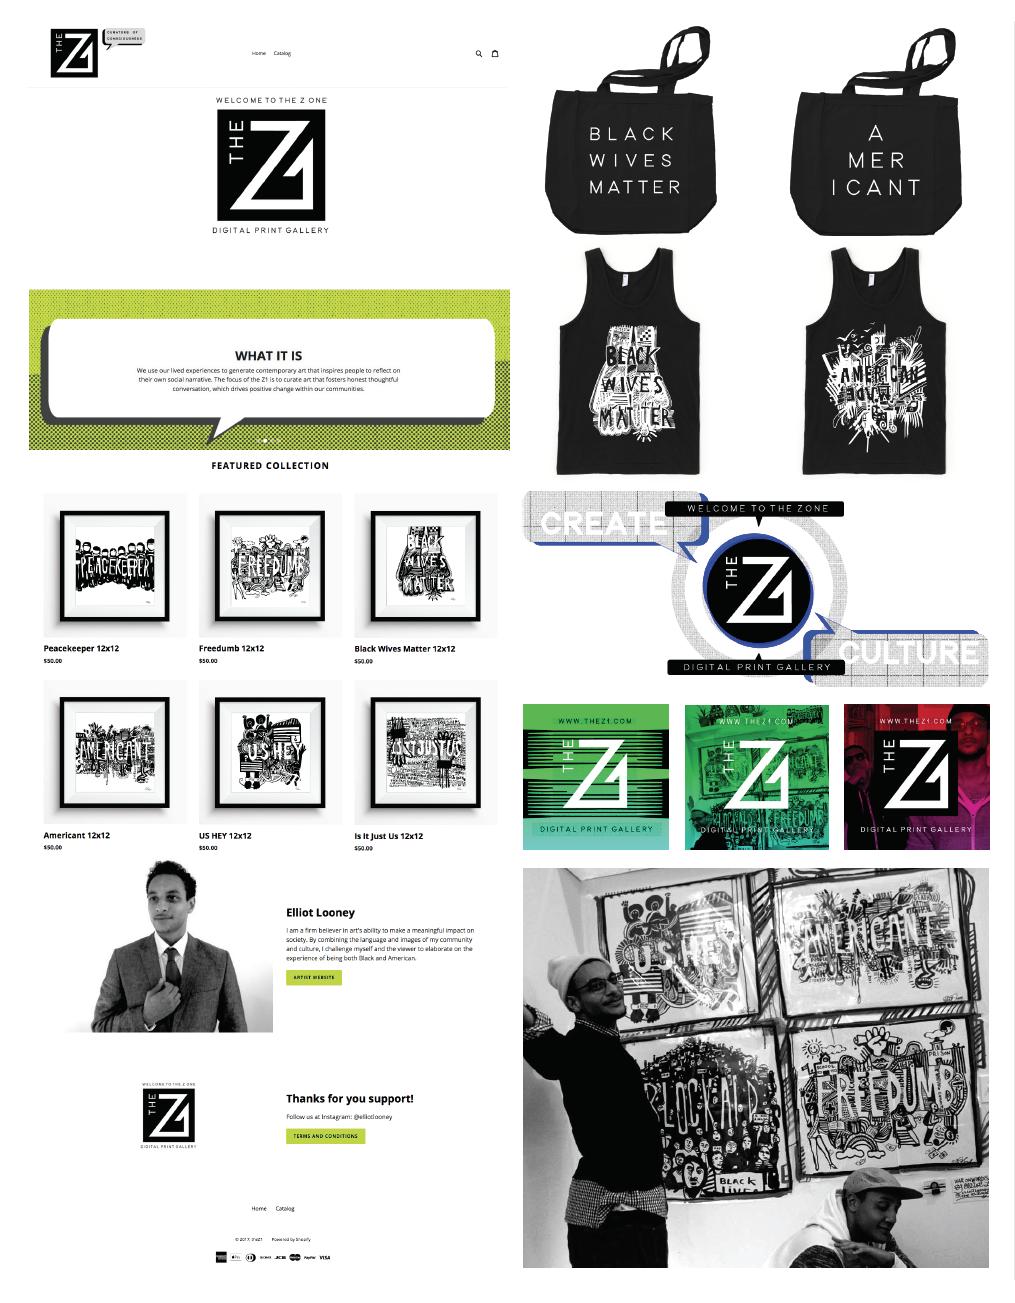 WWWZ1.COM